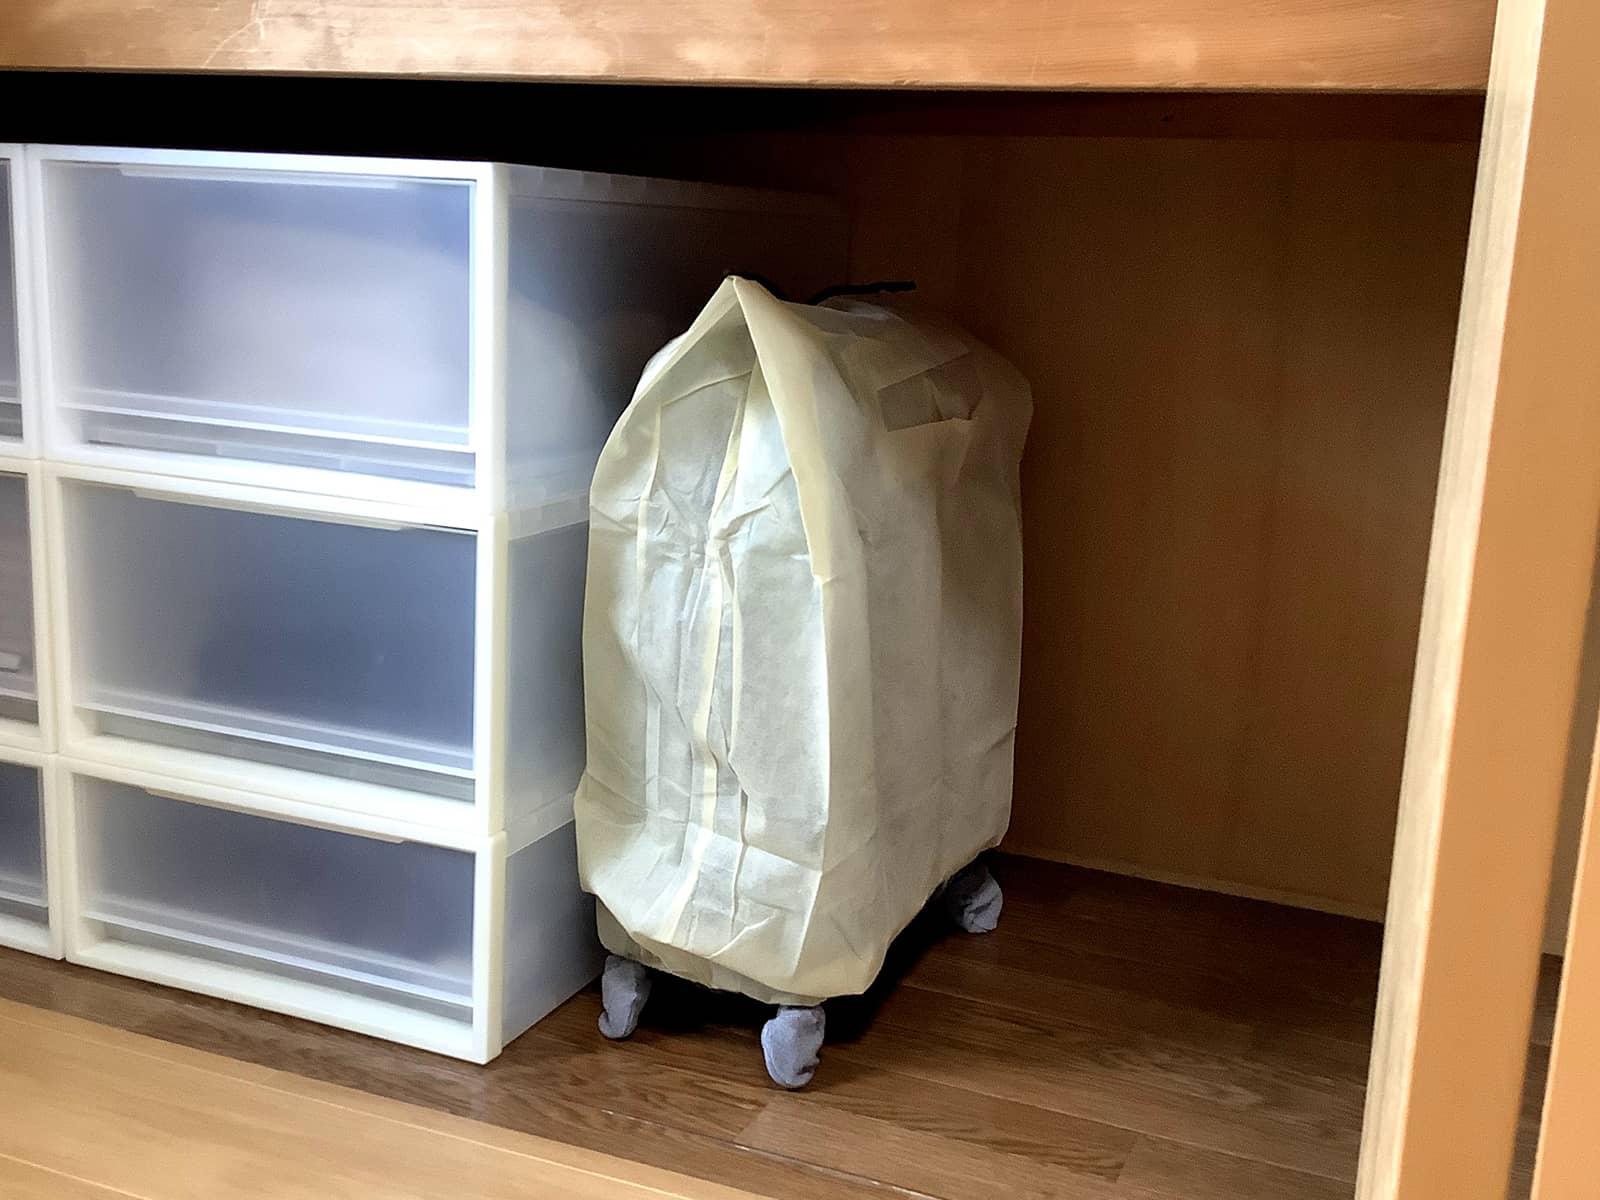 スーツケース収納サービスを利用。場所を取るがカバーをかけて押し入れに収納。